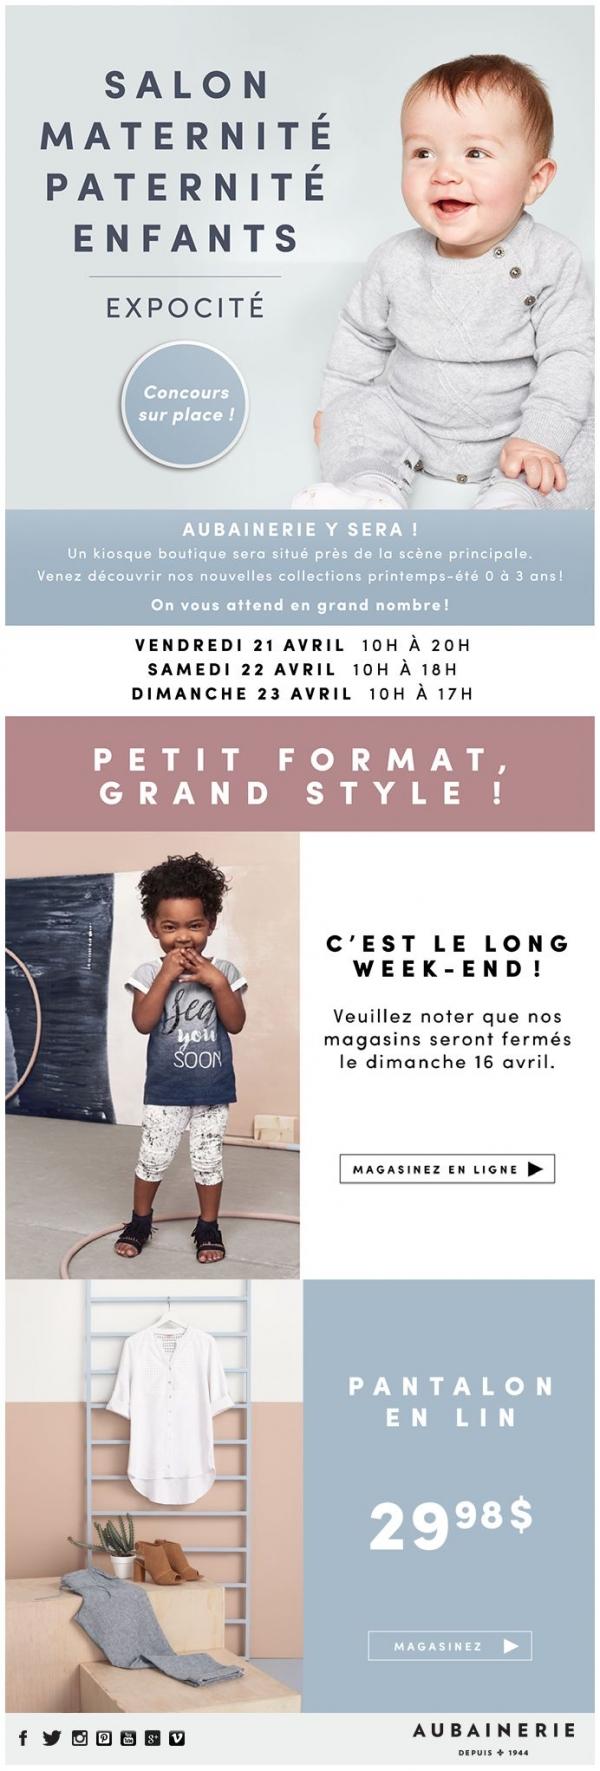 Aubainerie : Nous Serons à Québec ! Salon Maternité Paternité Enfants 2017 Promotions Rabais